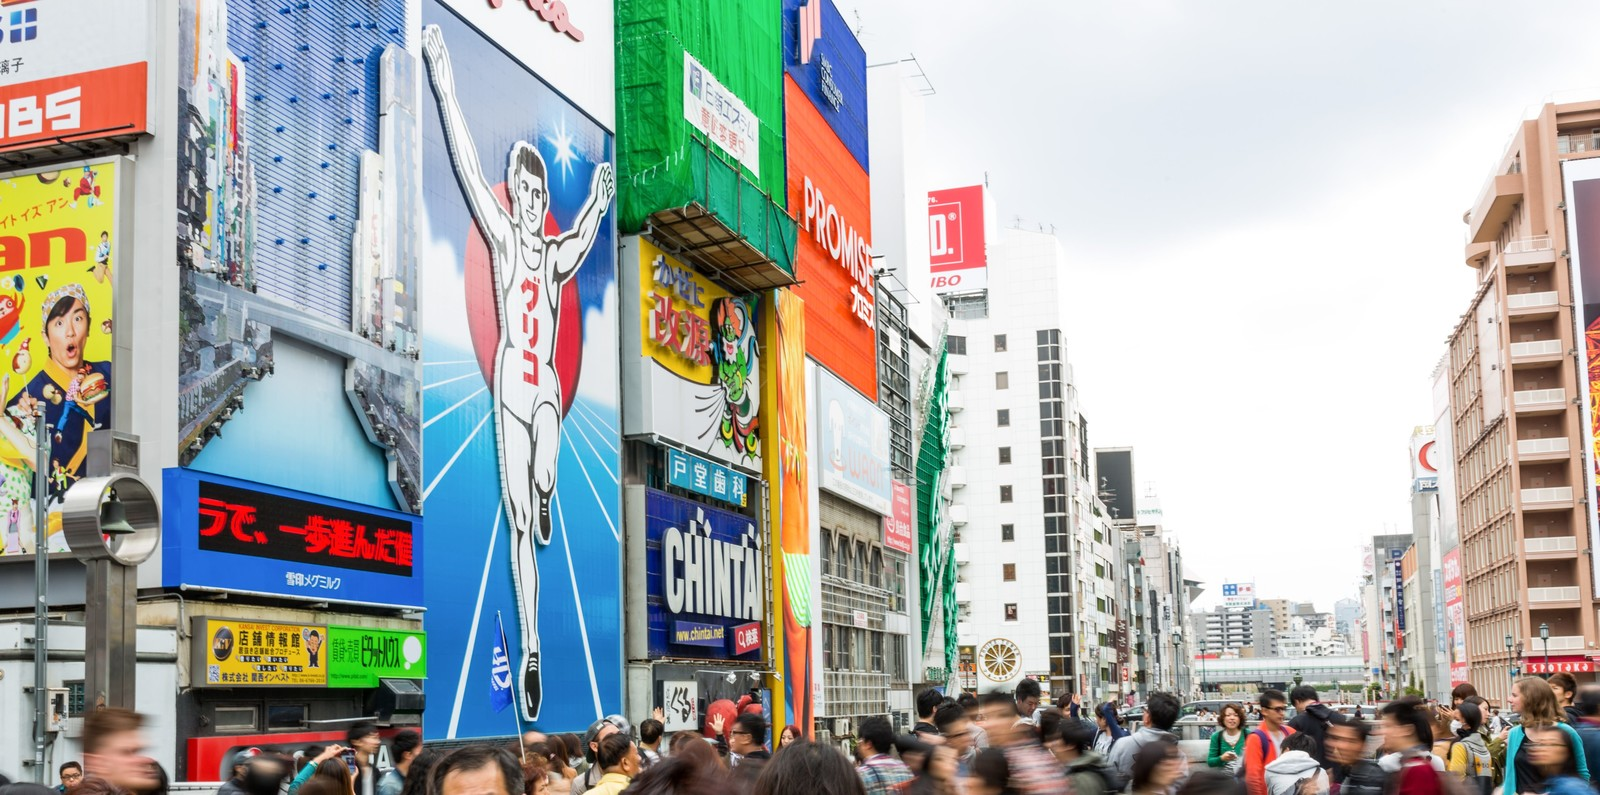 欧州最大級のプログラム「Startupbootcamp」、大阪・関西を拠点に日本初開催